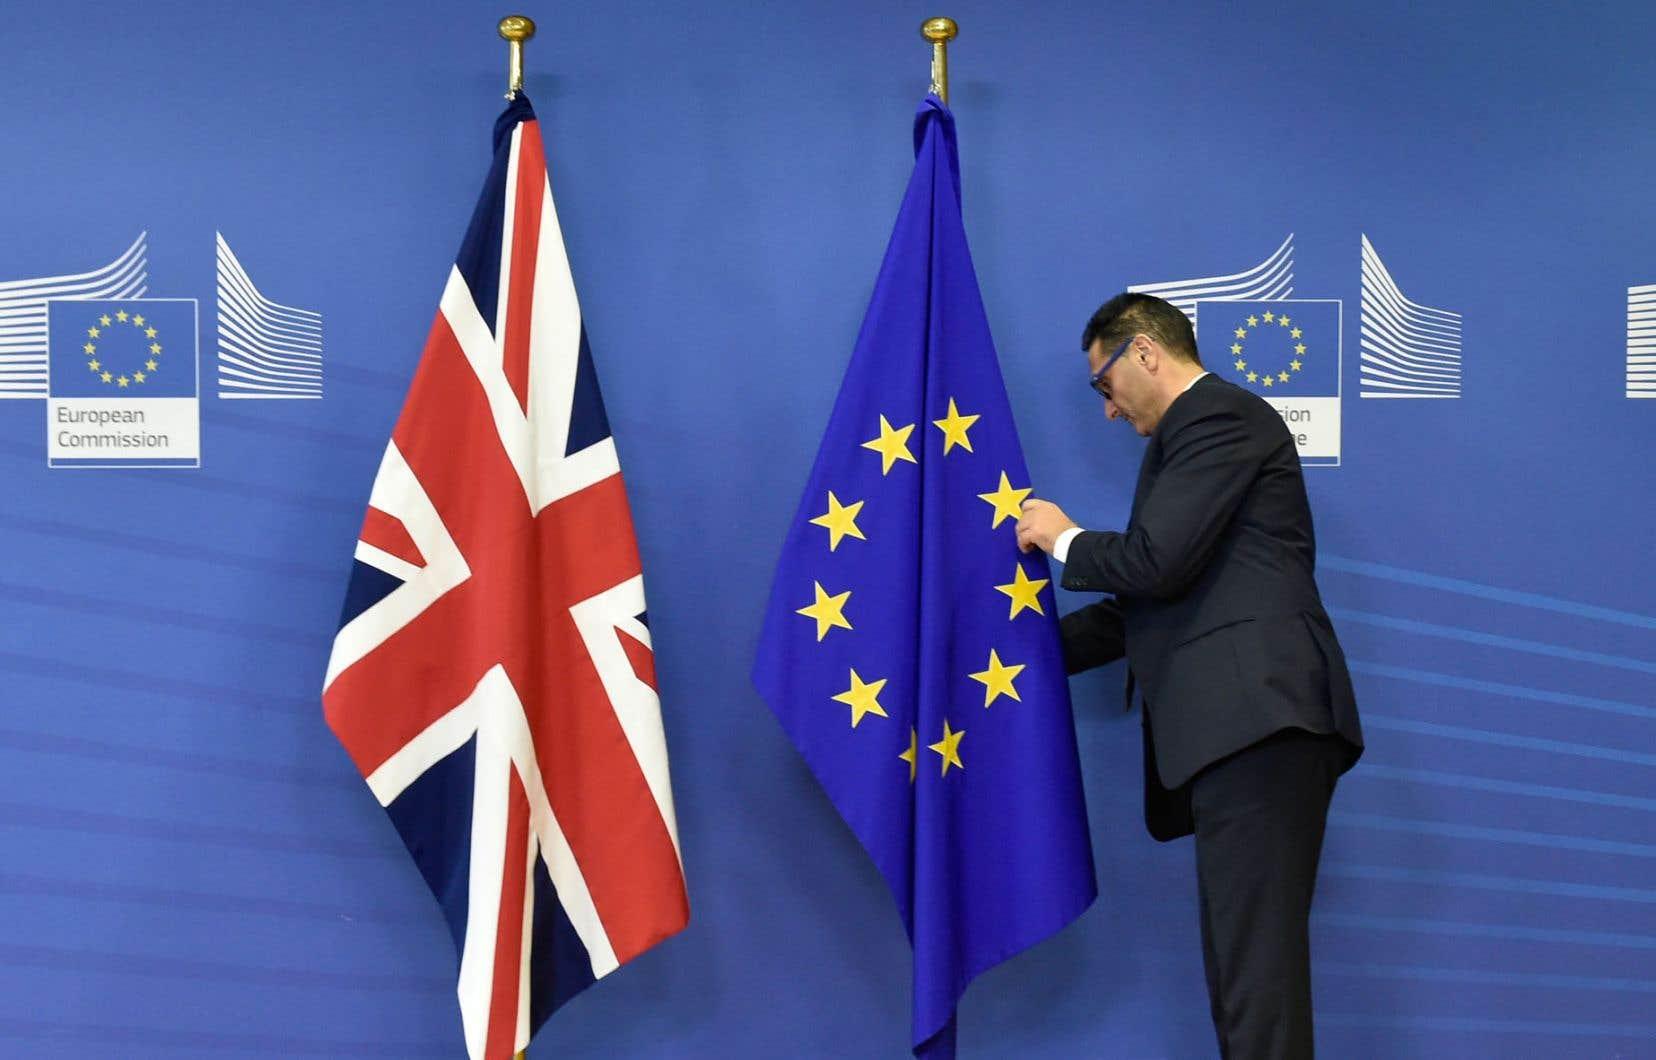 La Commission européenne a établi une liste de plusieurs secteurs à risques de «turbulences» dans l'entente conclue entre Londres et Bruxelles si le Brexit devait ne pas être ratifié.